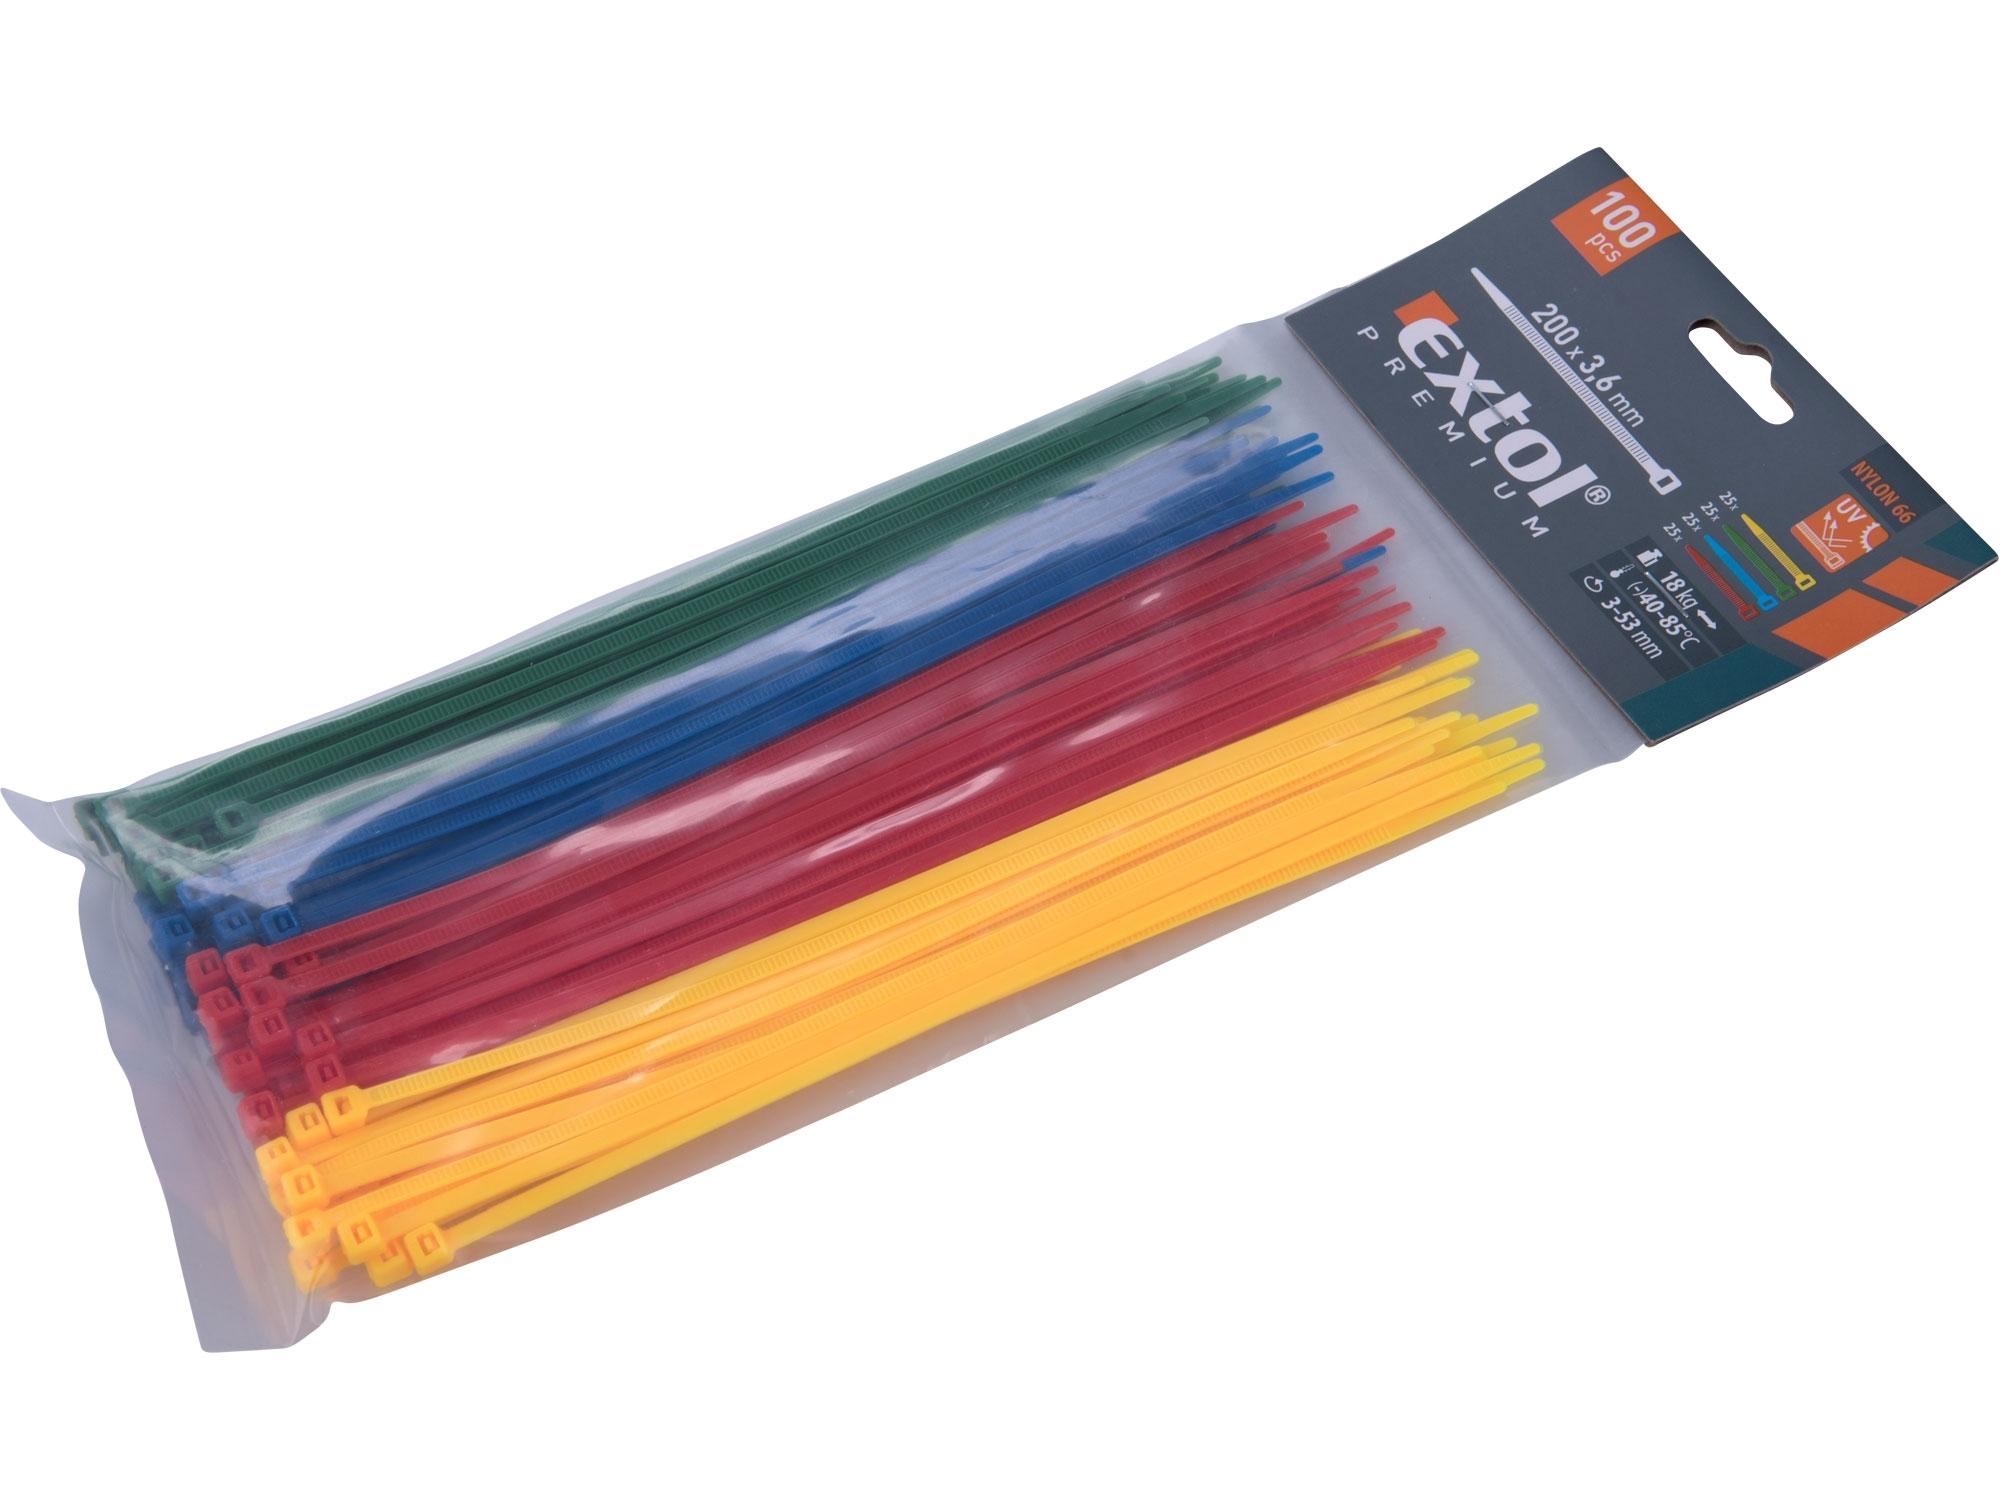 pásky stahovací barevné, 200x3,6mm, 100ks, (4x25ks), 4 barvy, nylon PA66